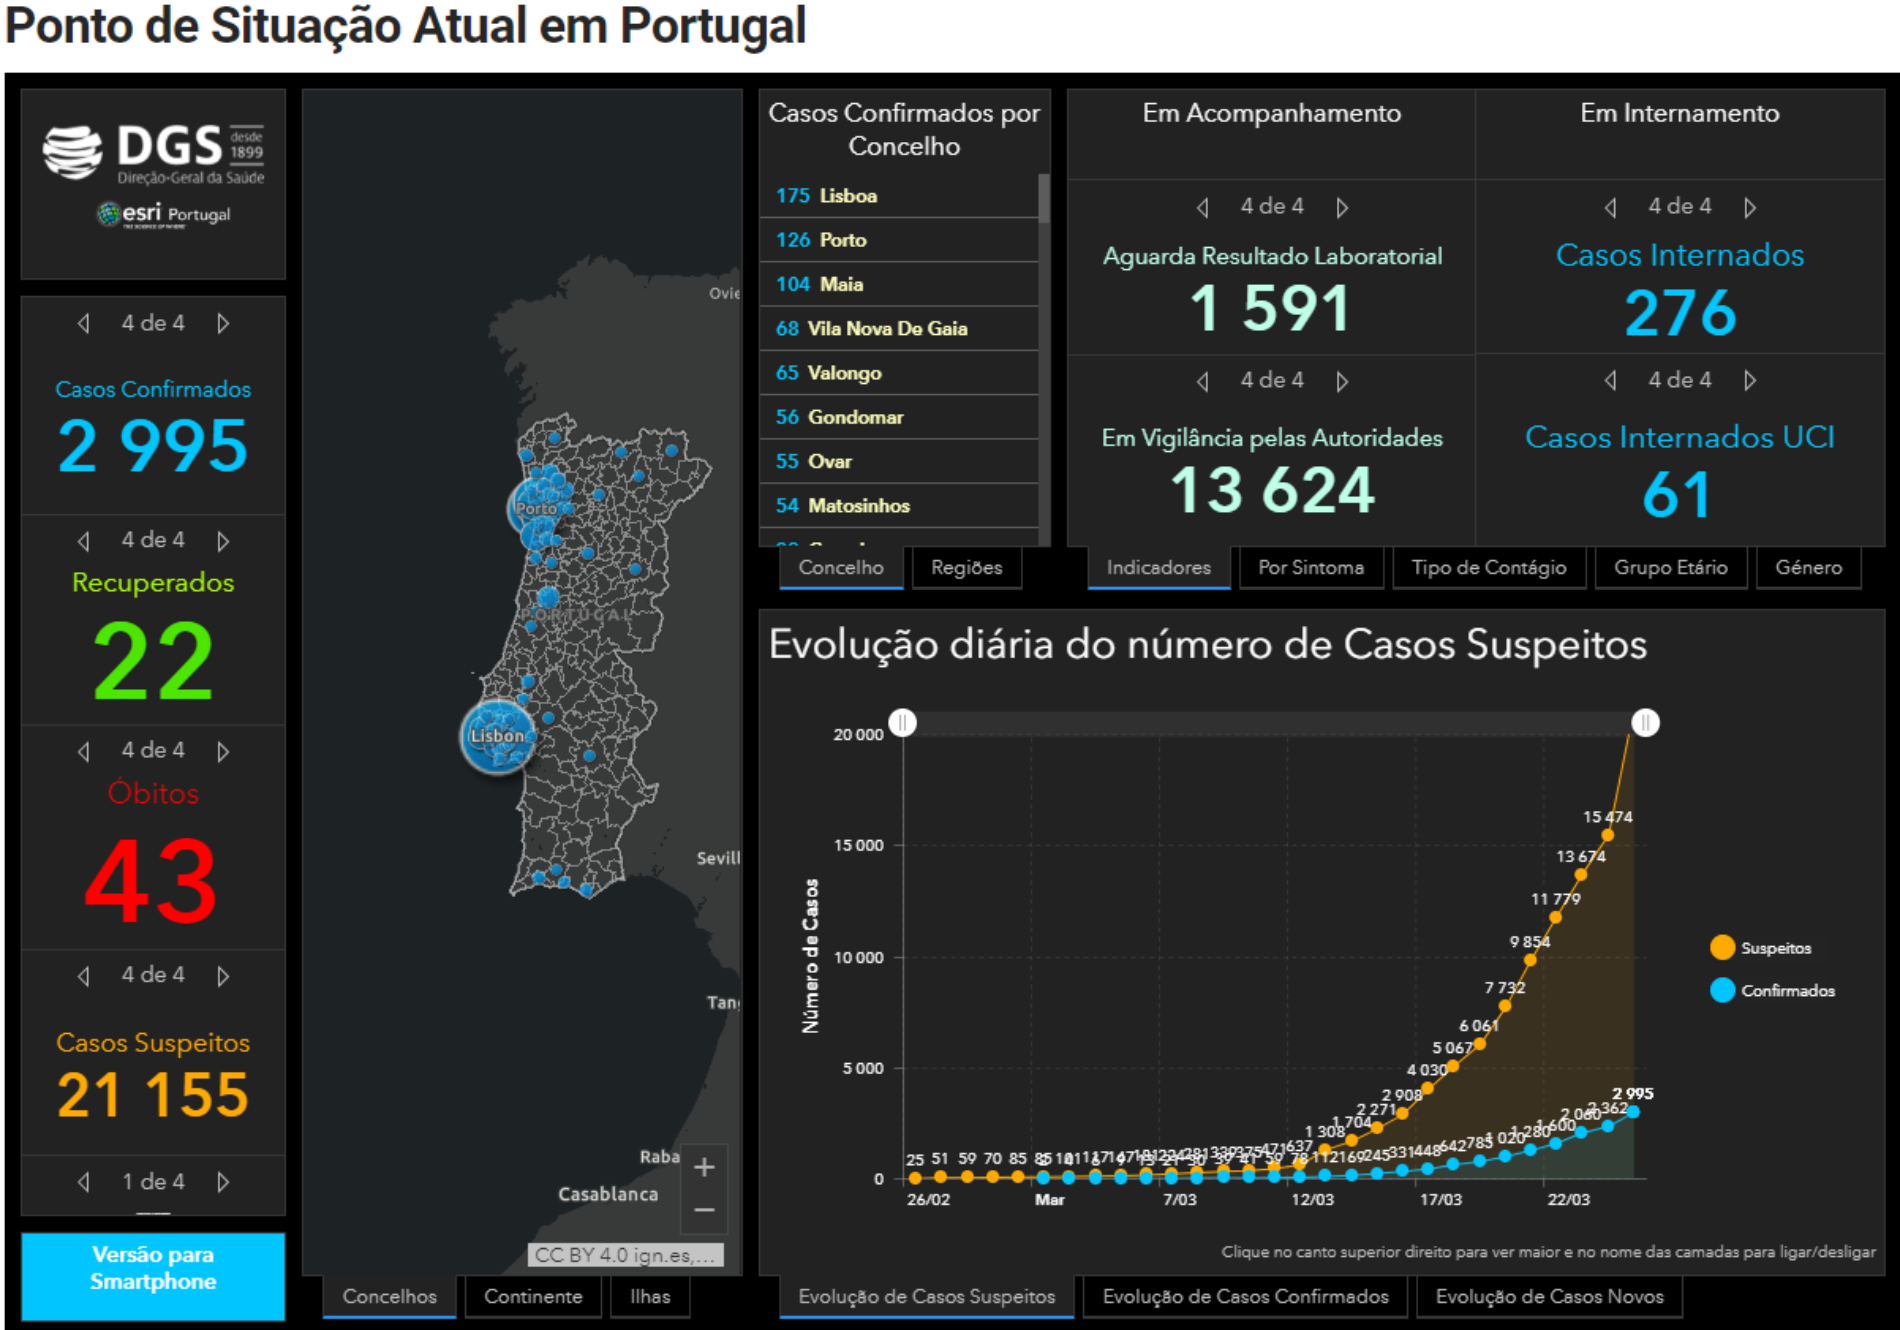 """Covid-19: 43 mortes e 2.995 infetados em Portugal. """"Portugal prestes a entrar na fase mais crítica"""" da pandemia"""